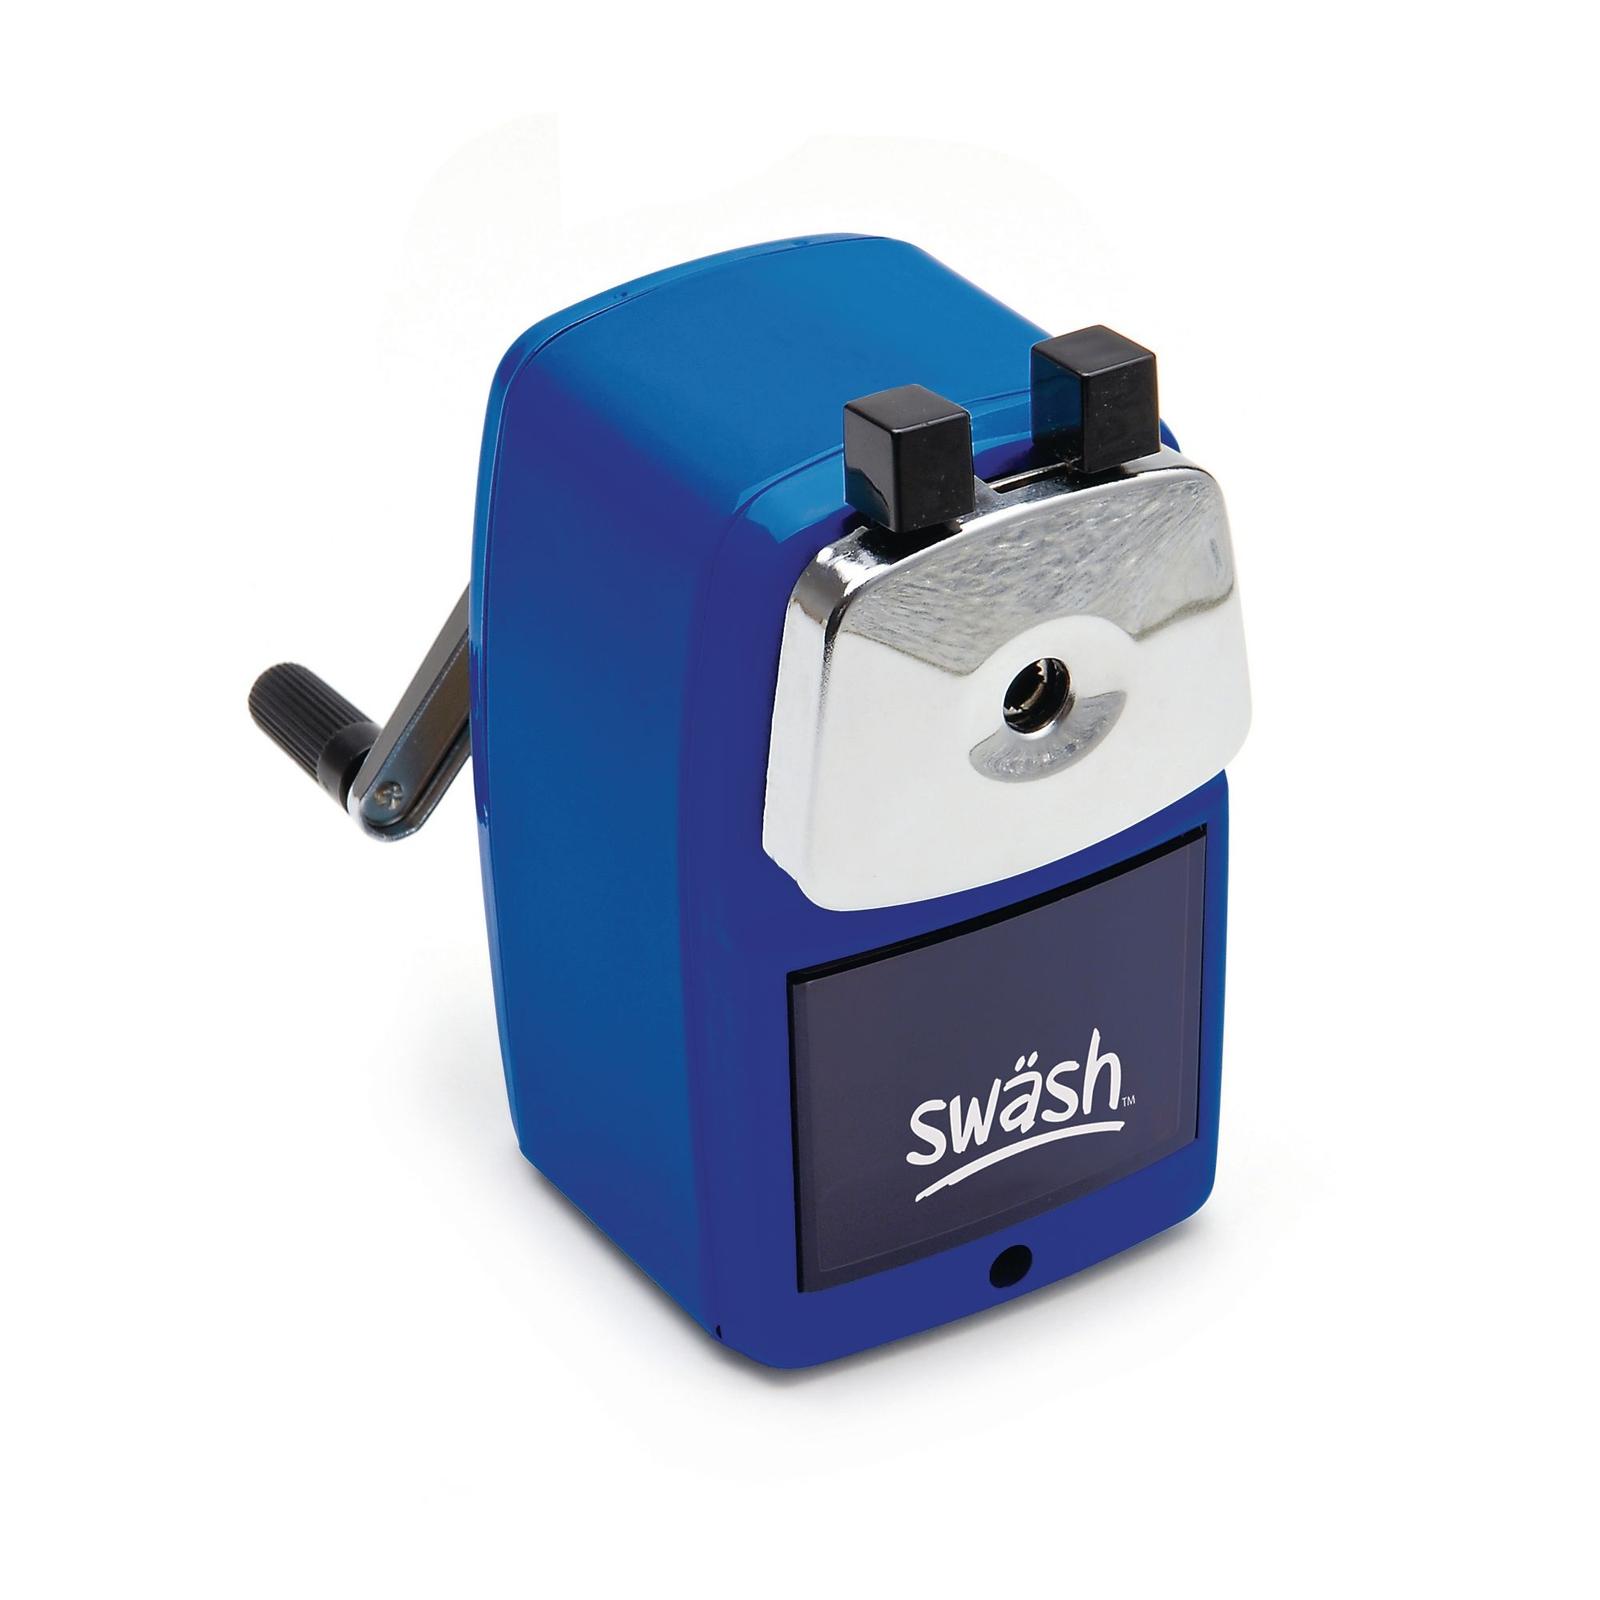 Swash Desktop Single Hole Sharpener